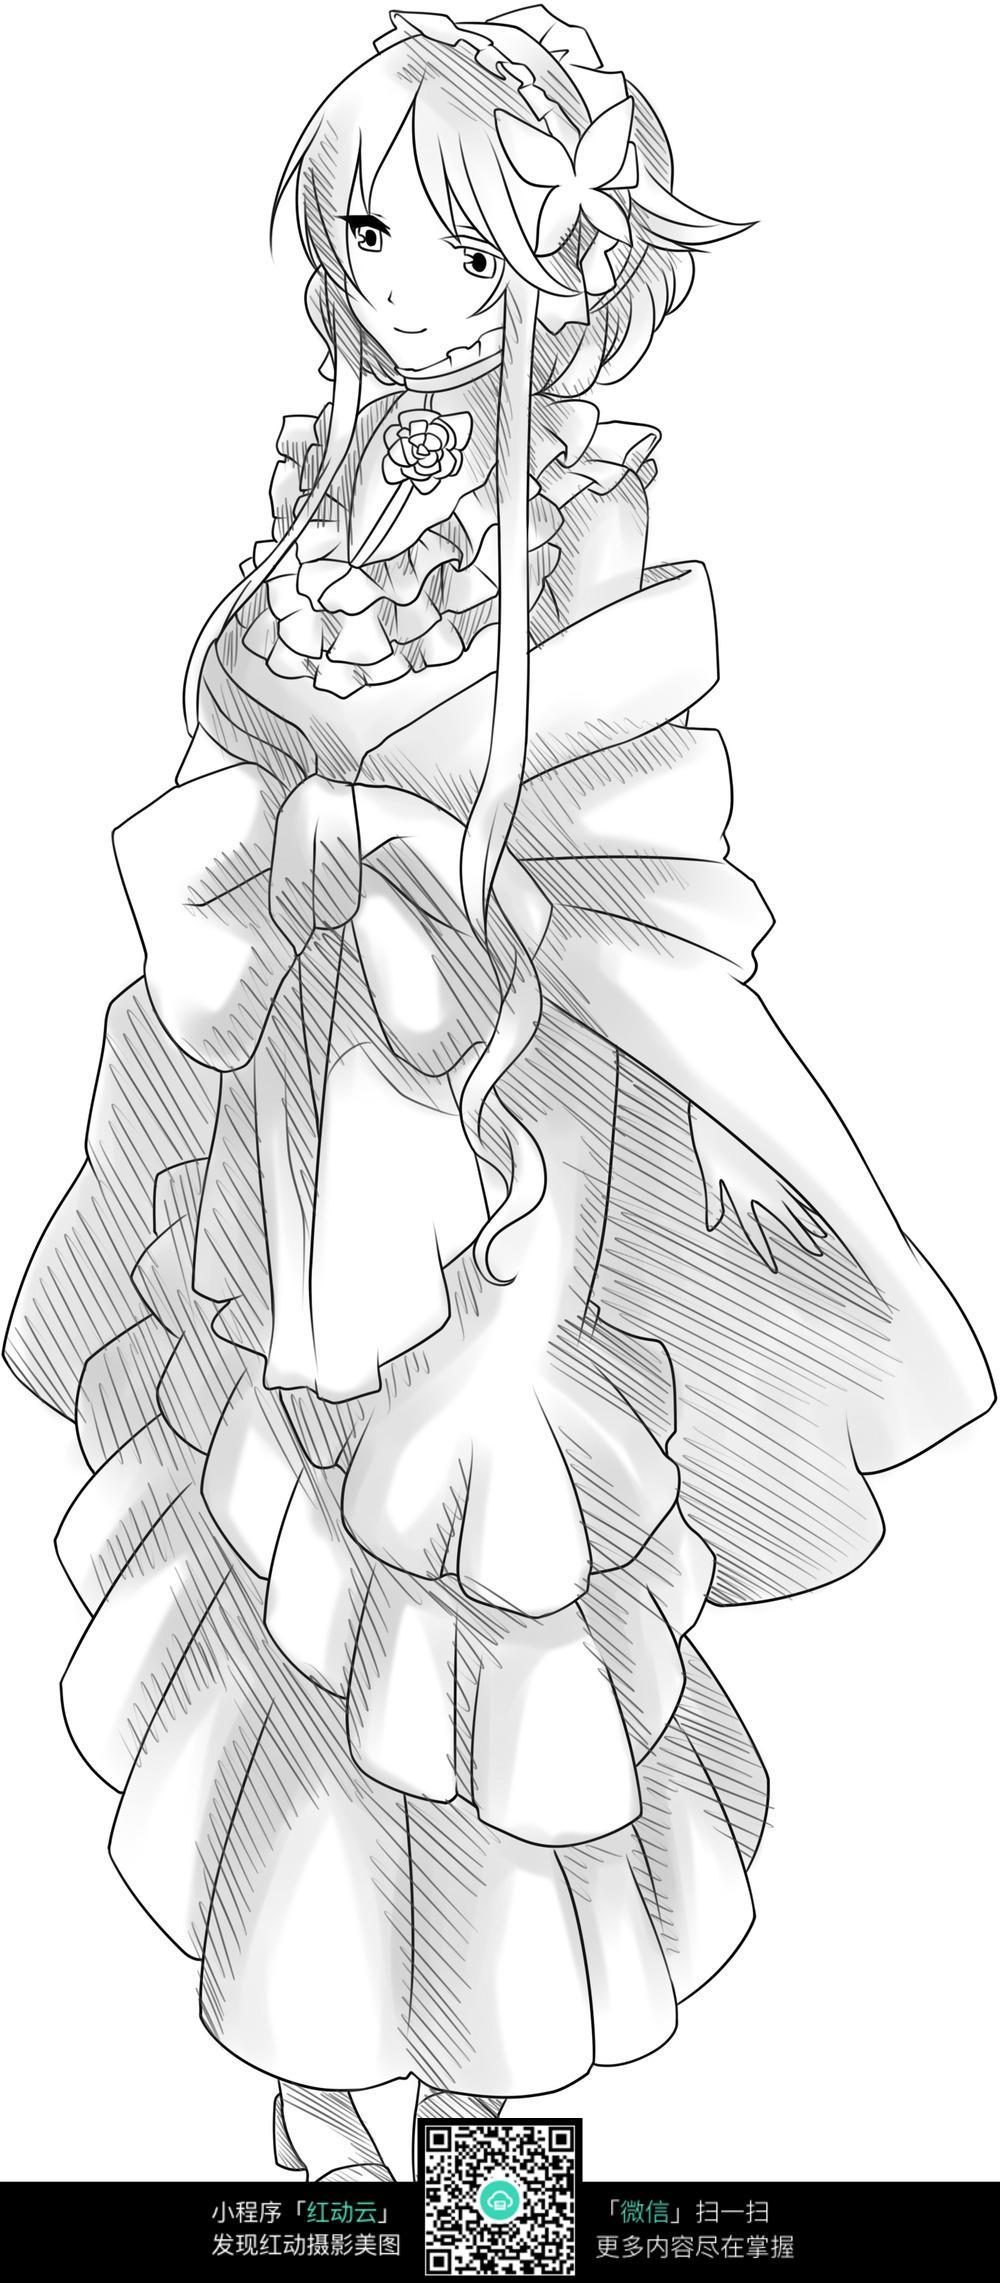 看漫画学漫画:我要画公主 美少女7天漫画营